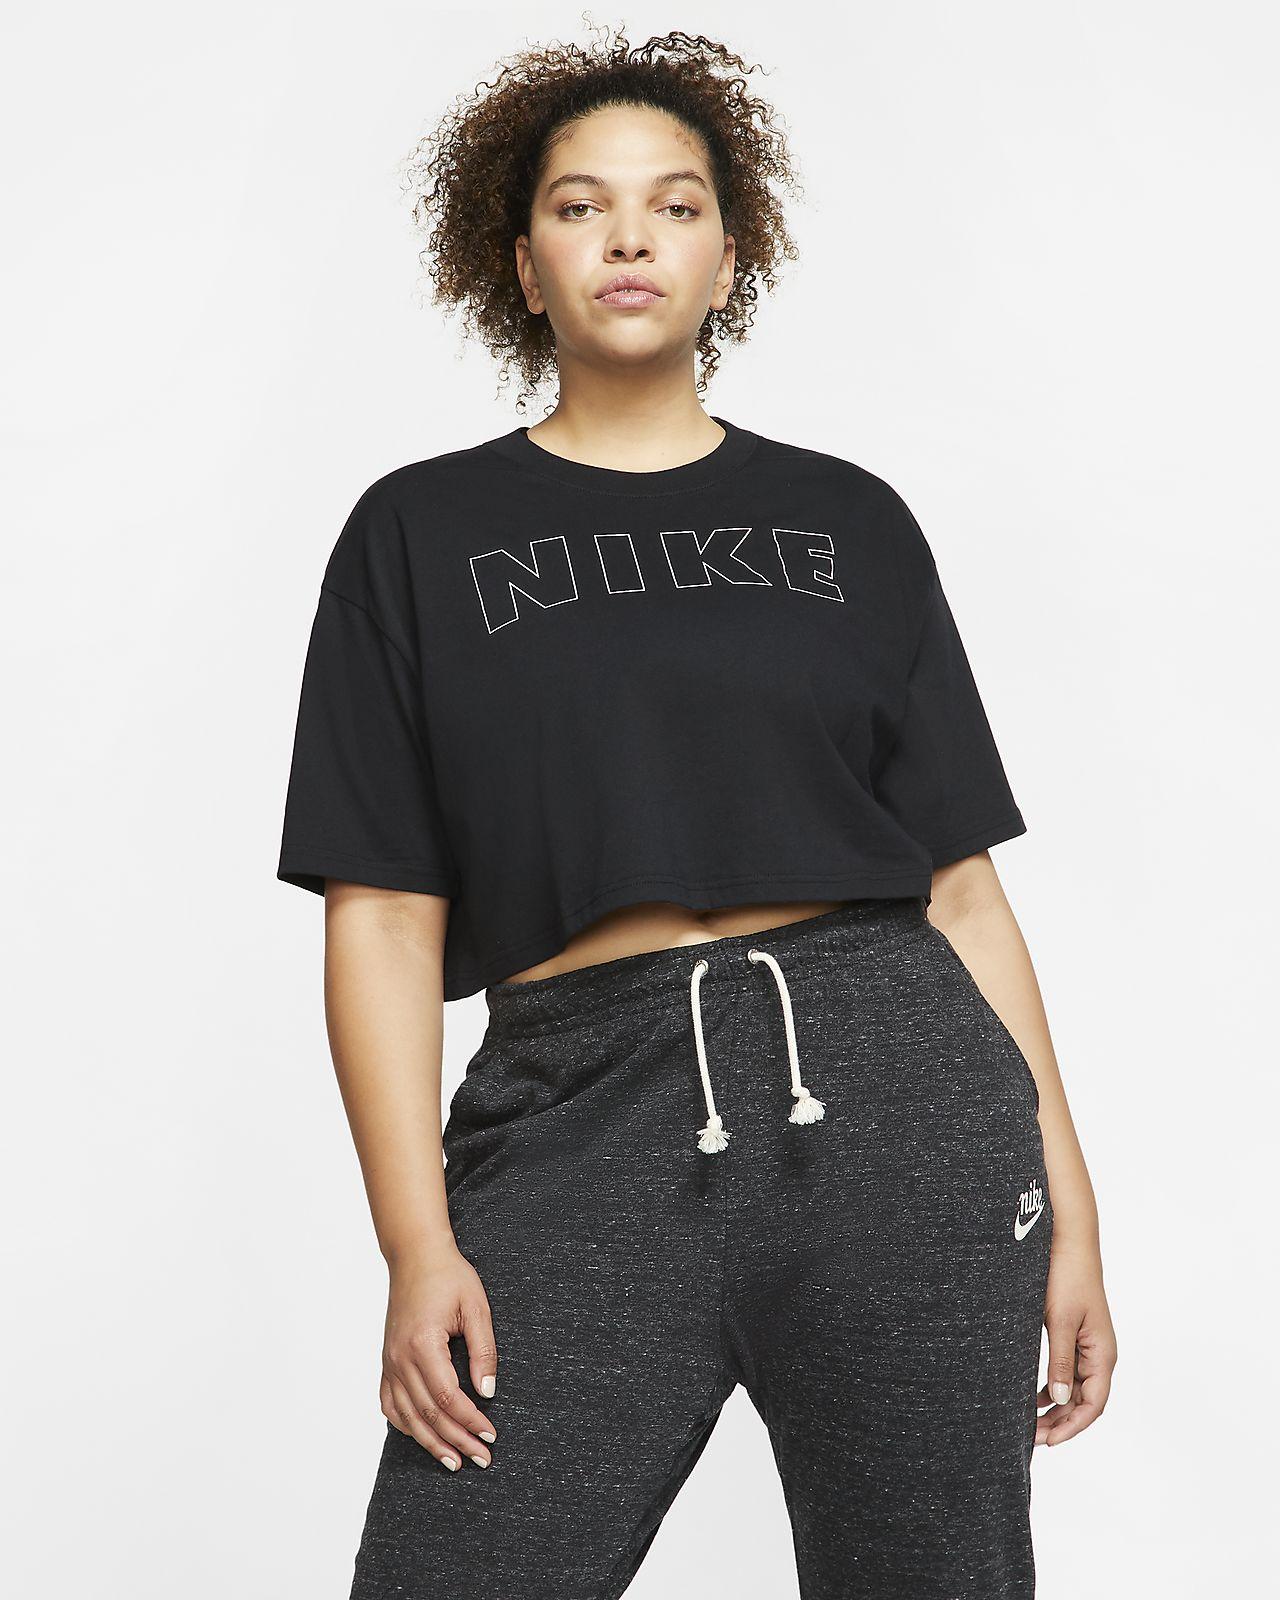 Nike Air T Shirt mit Crop Design für Damen (große Größe)